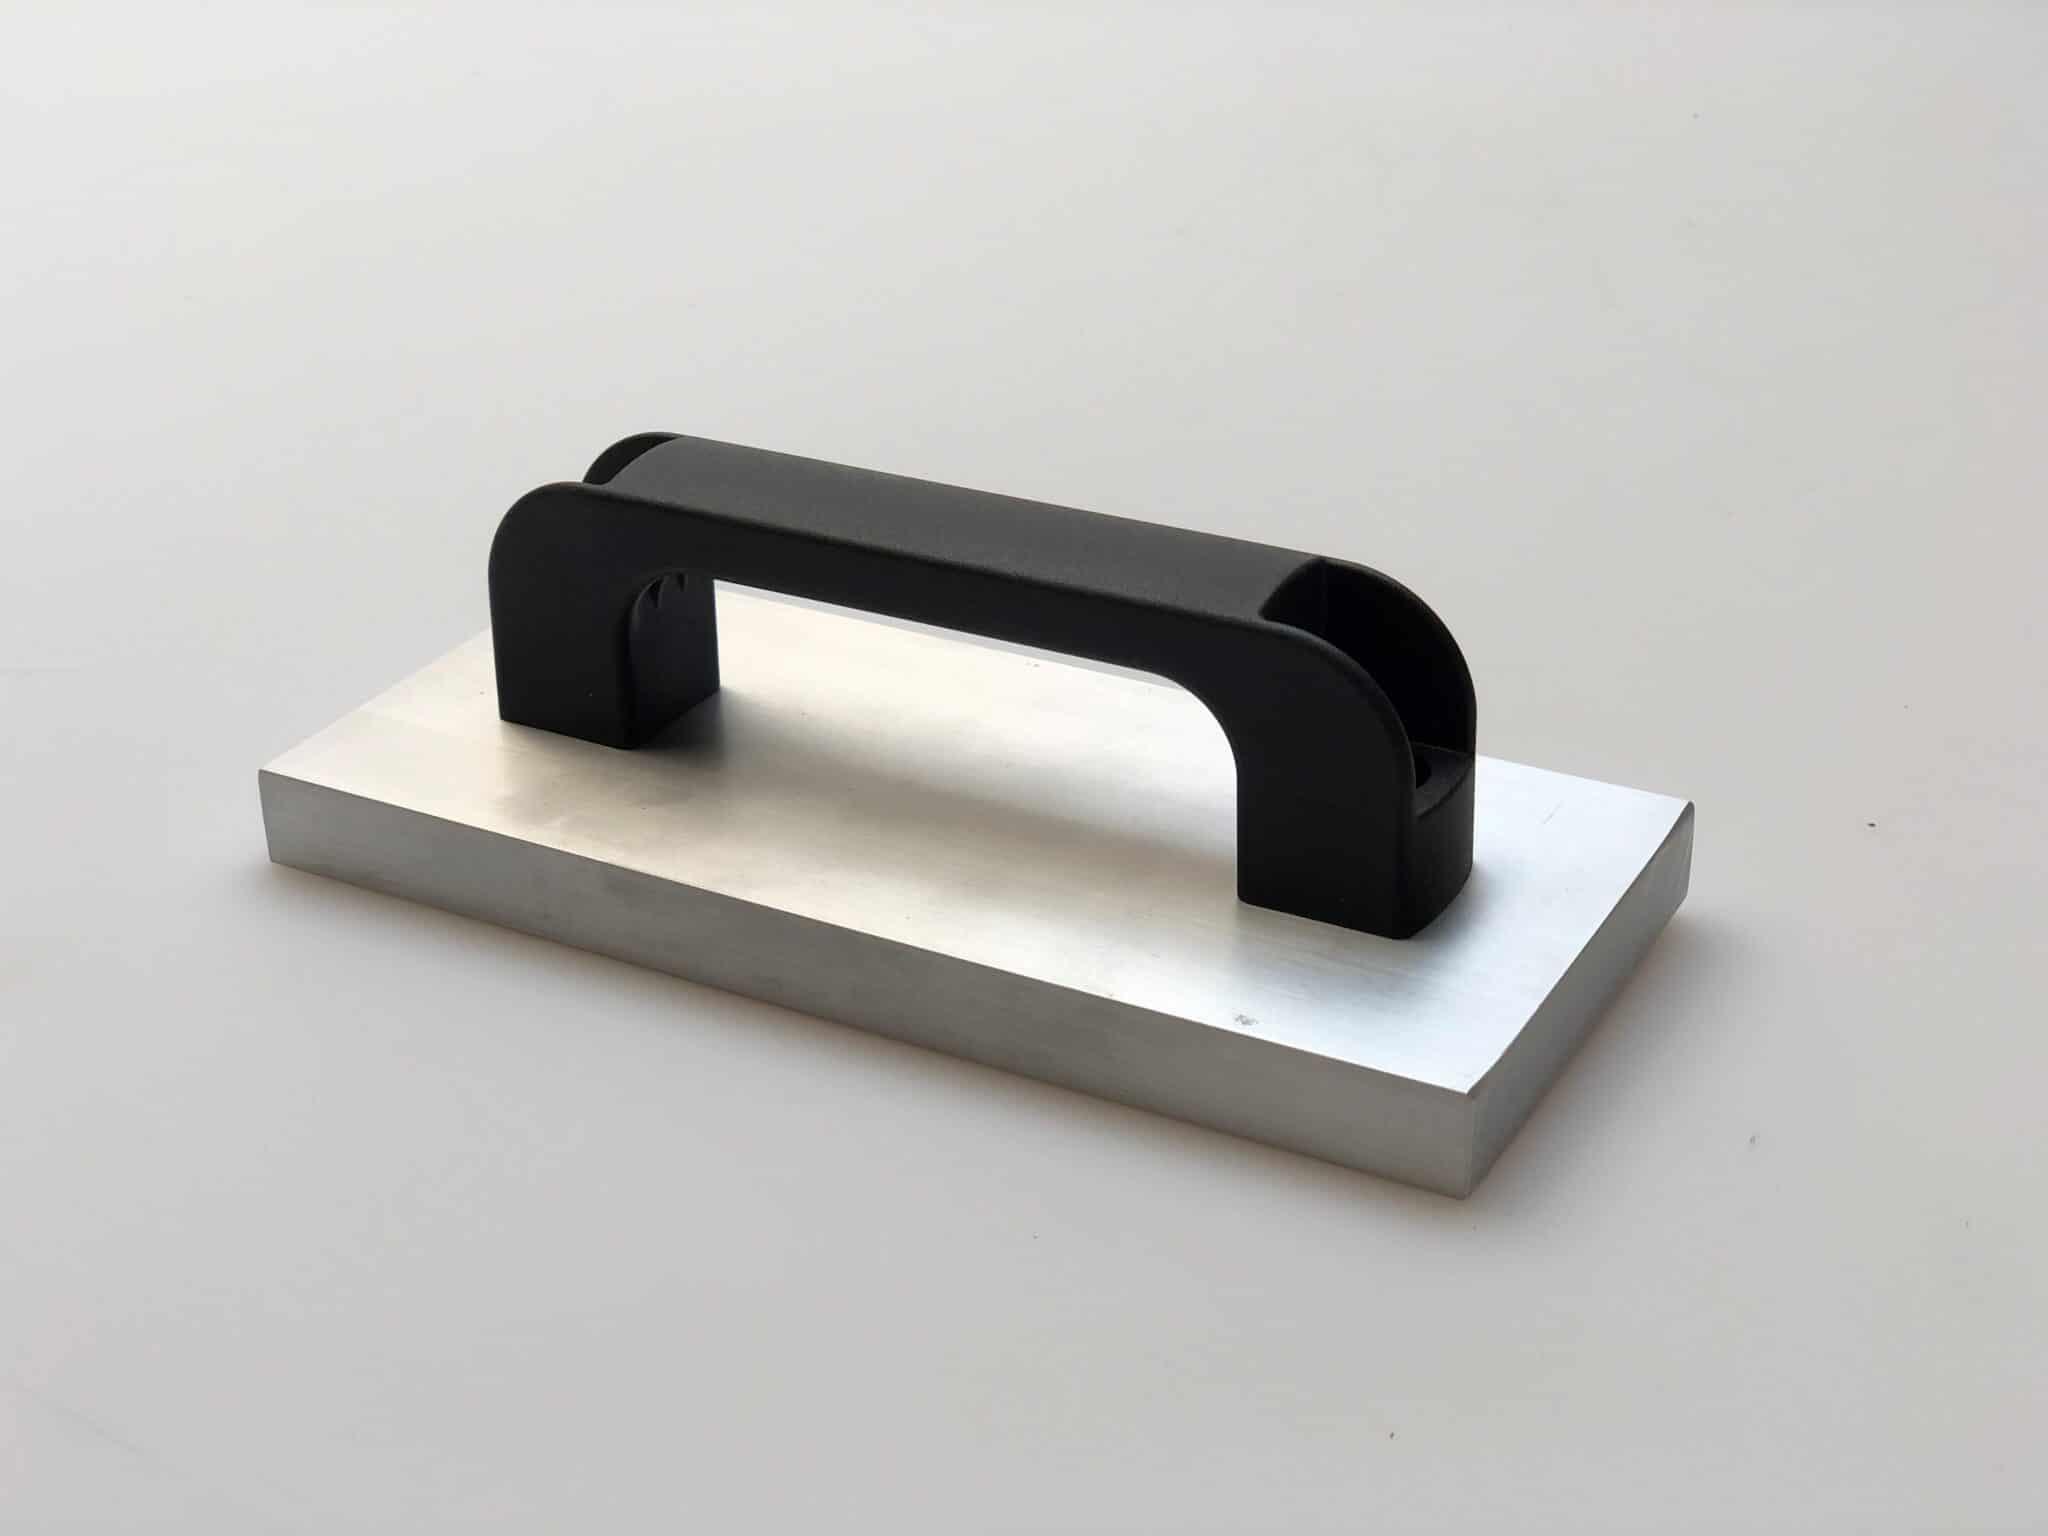 Aluminiumabkühlblock rechteckig Art. Nr. 133.500